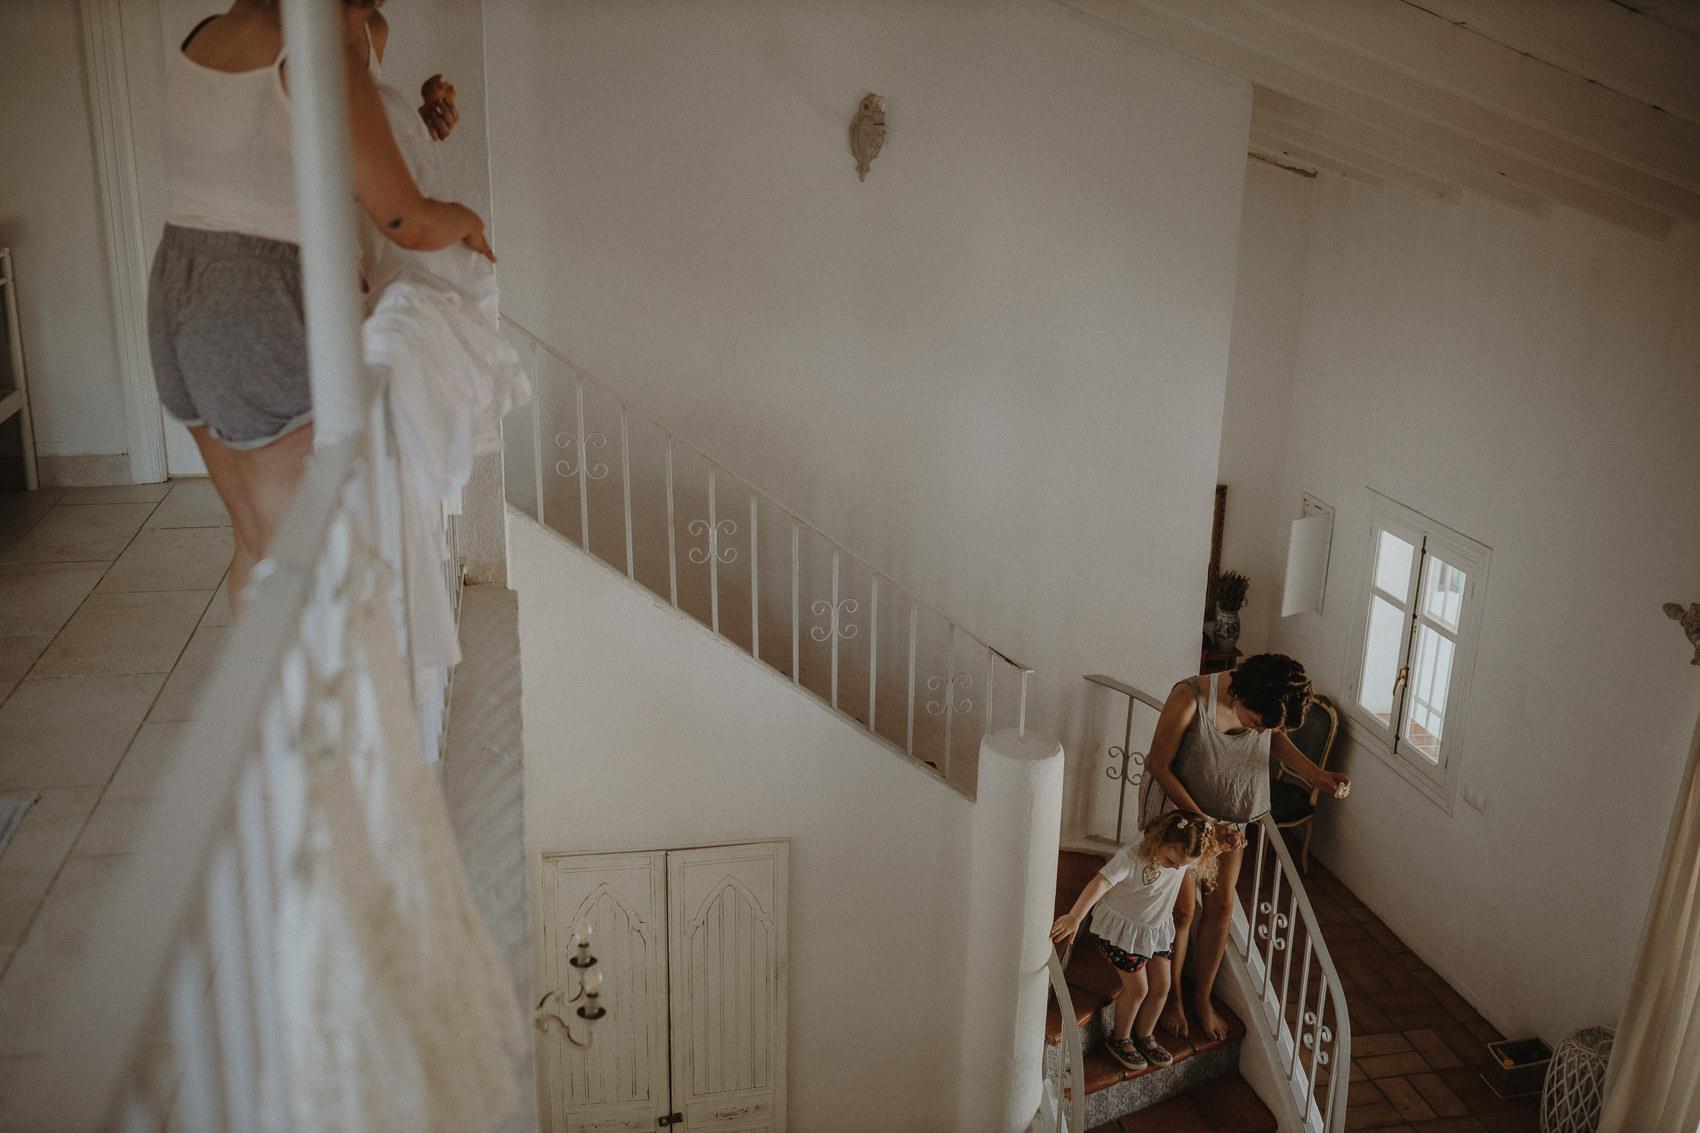 Sarah & Bill | Summer wedding at Cortijo Rosa Blanca | Marbella - Spain 16